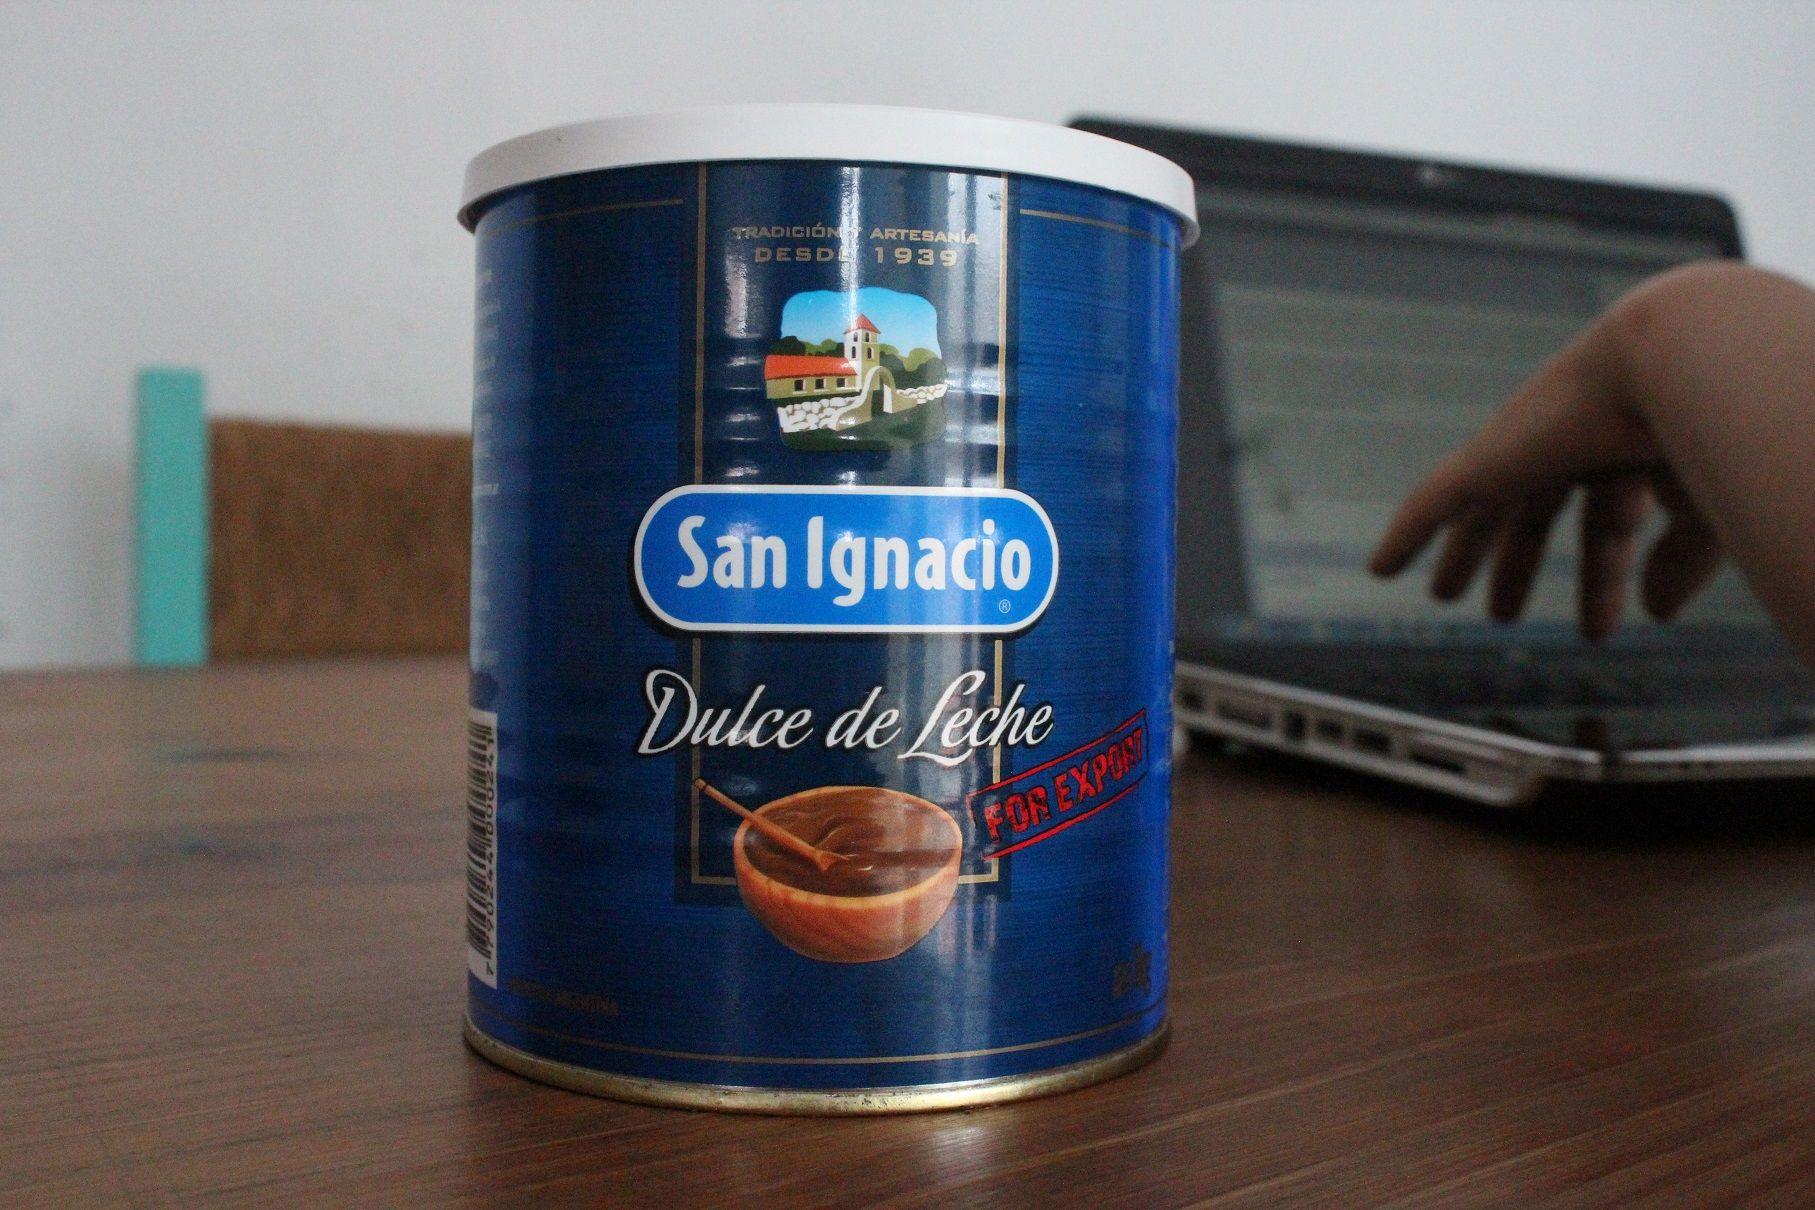 Dulce de leche San Ignacio Lata, cartón, vidrio y envase de plástico